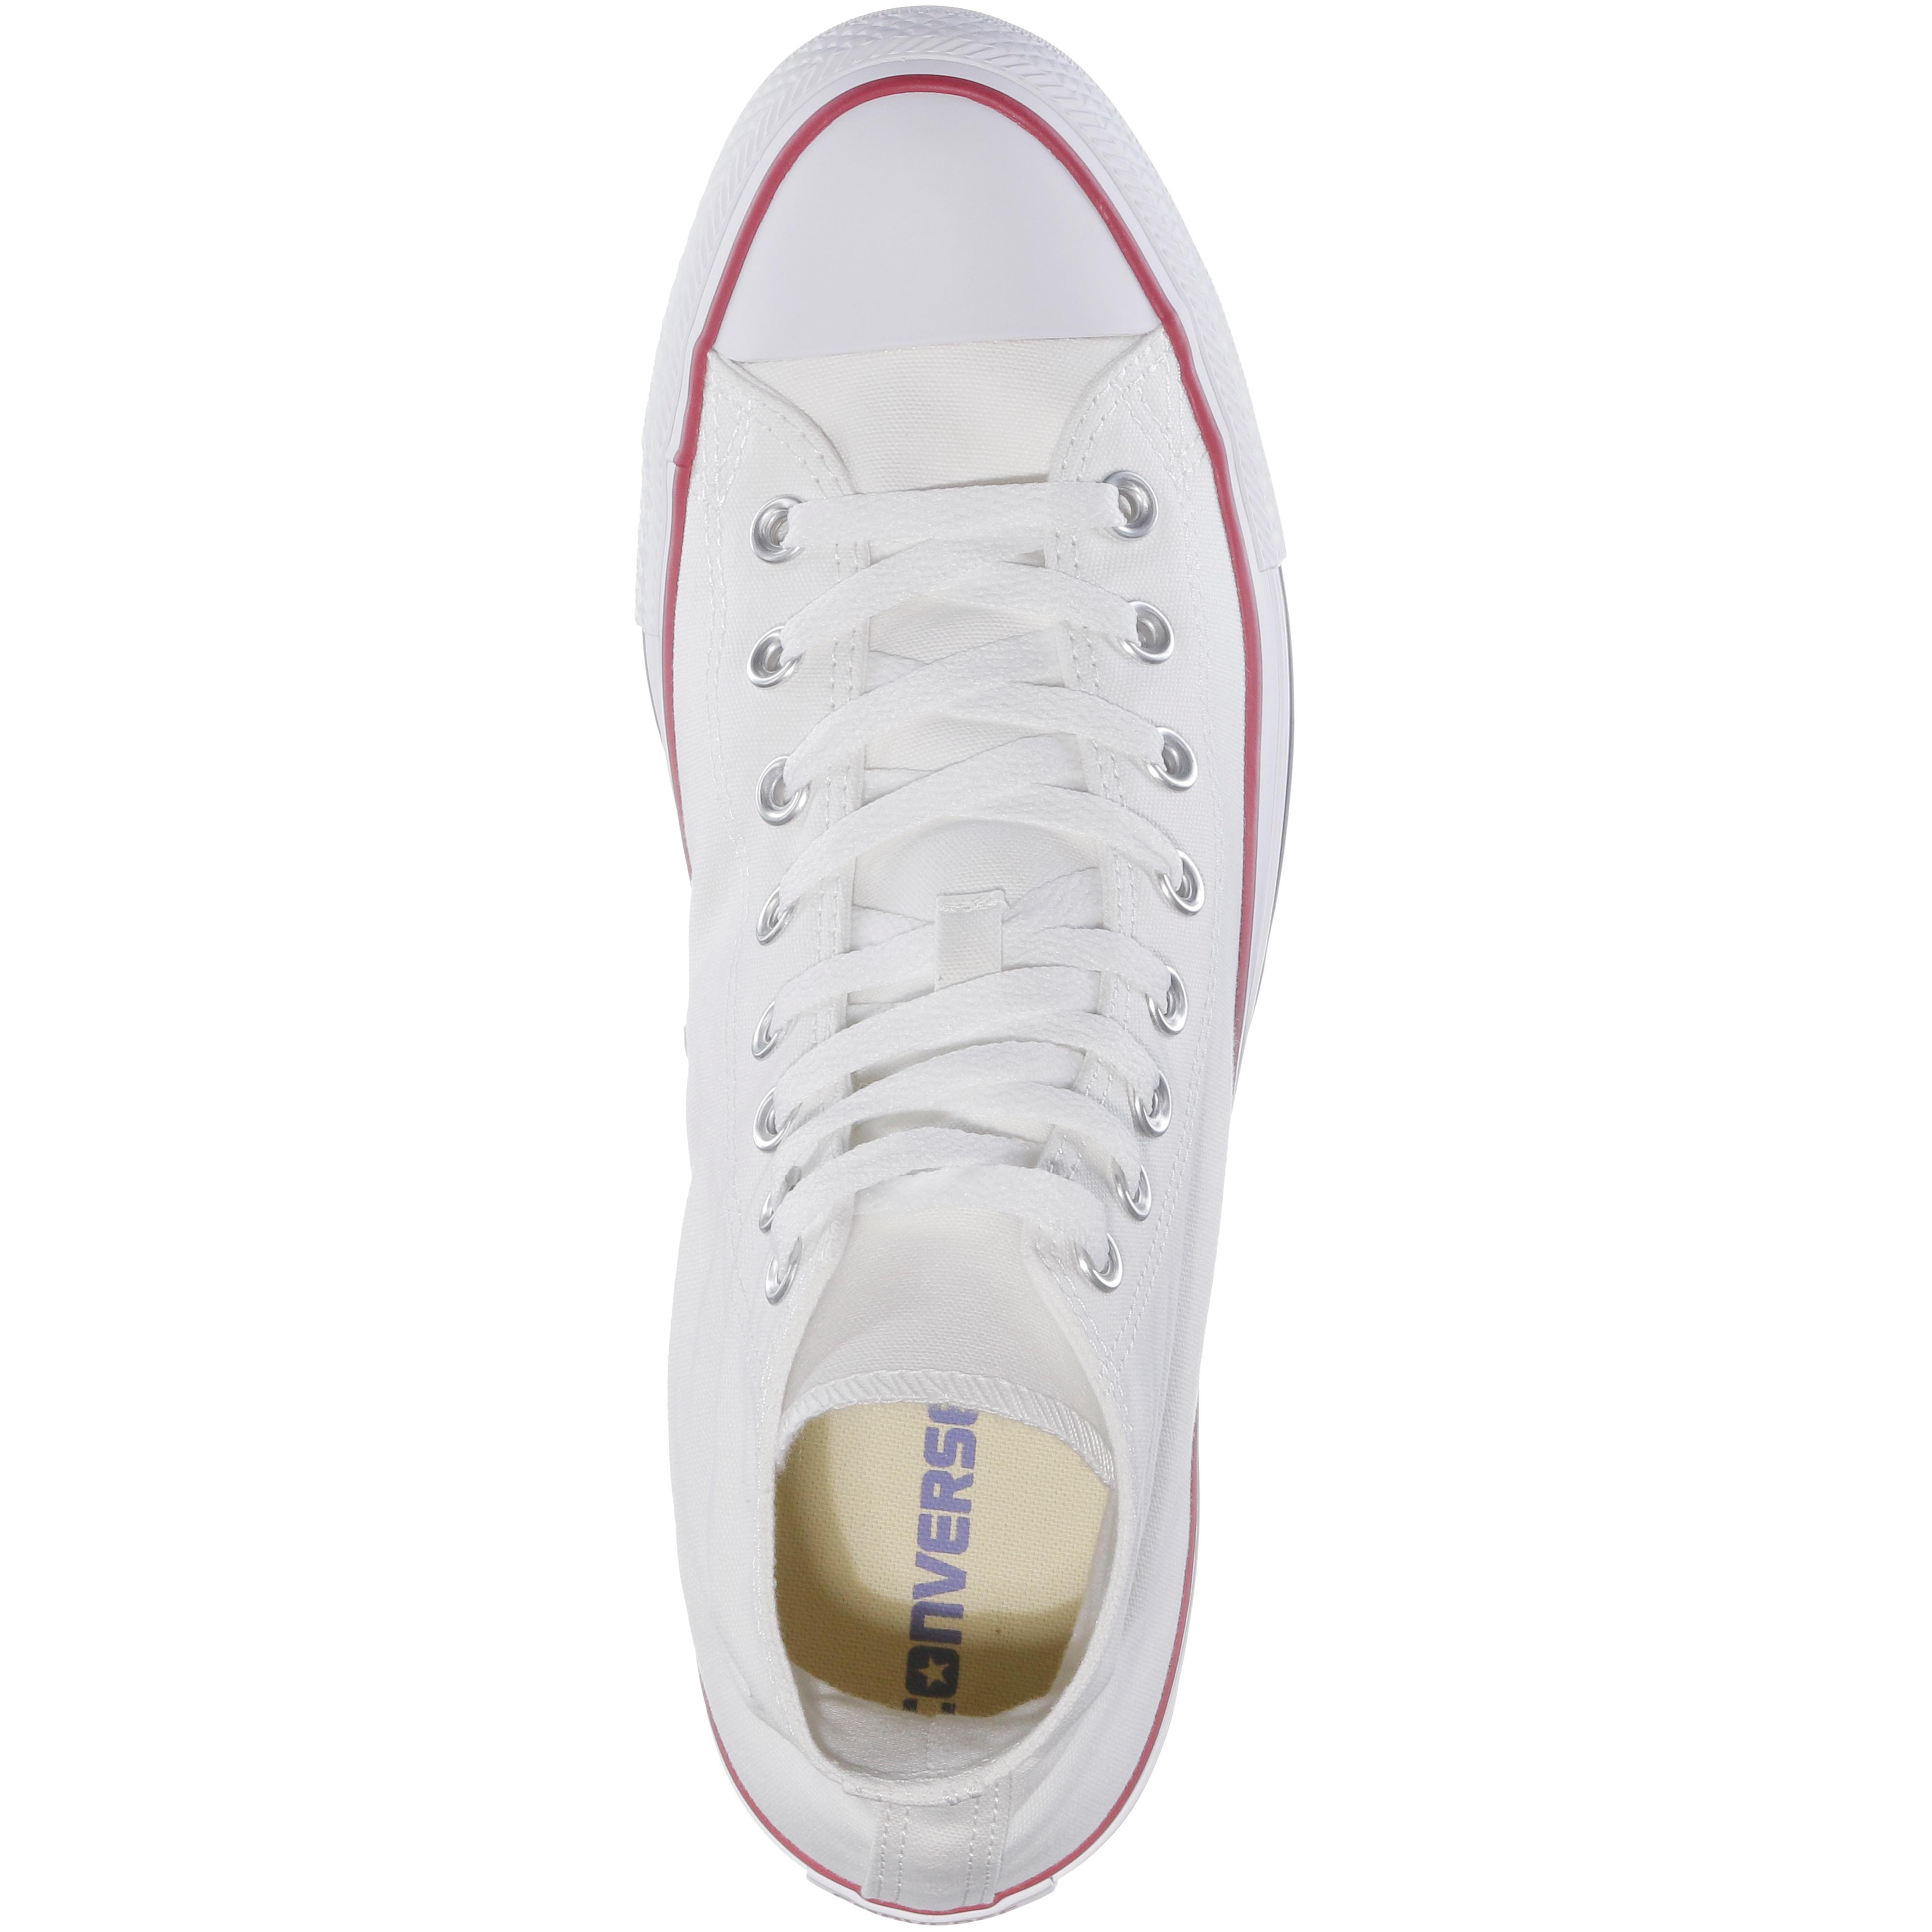 CONVERSE Chuck High Turnschuhe Herren navy im Online SportScheck Shop von SportScheck Online kaufen Gute Qualität beliebte Schuhe 6221f1